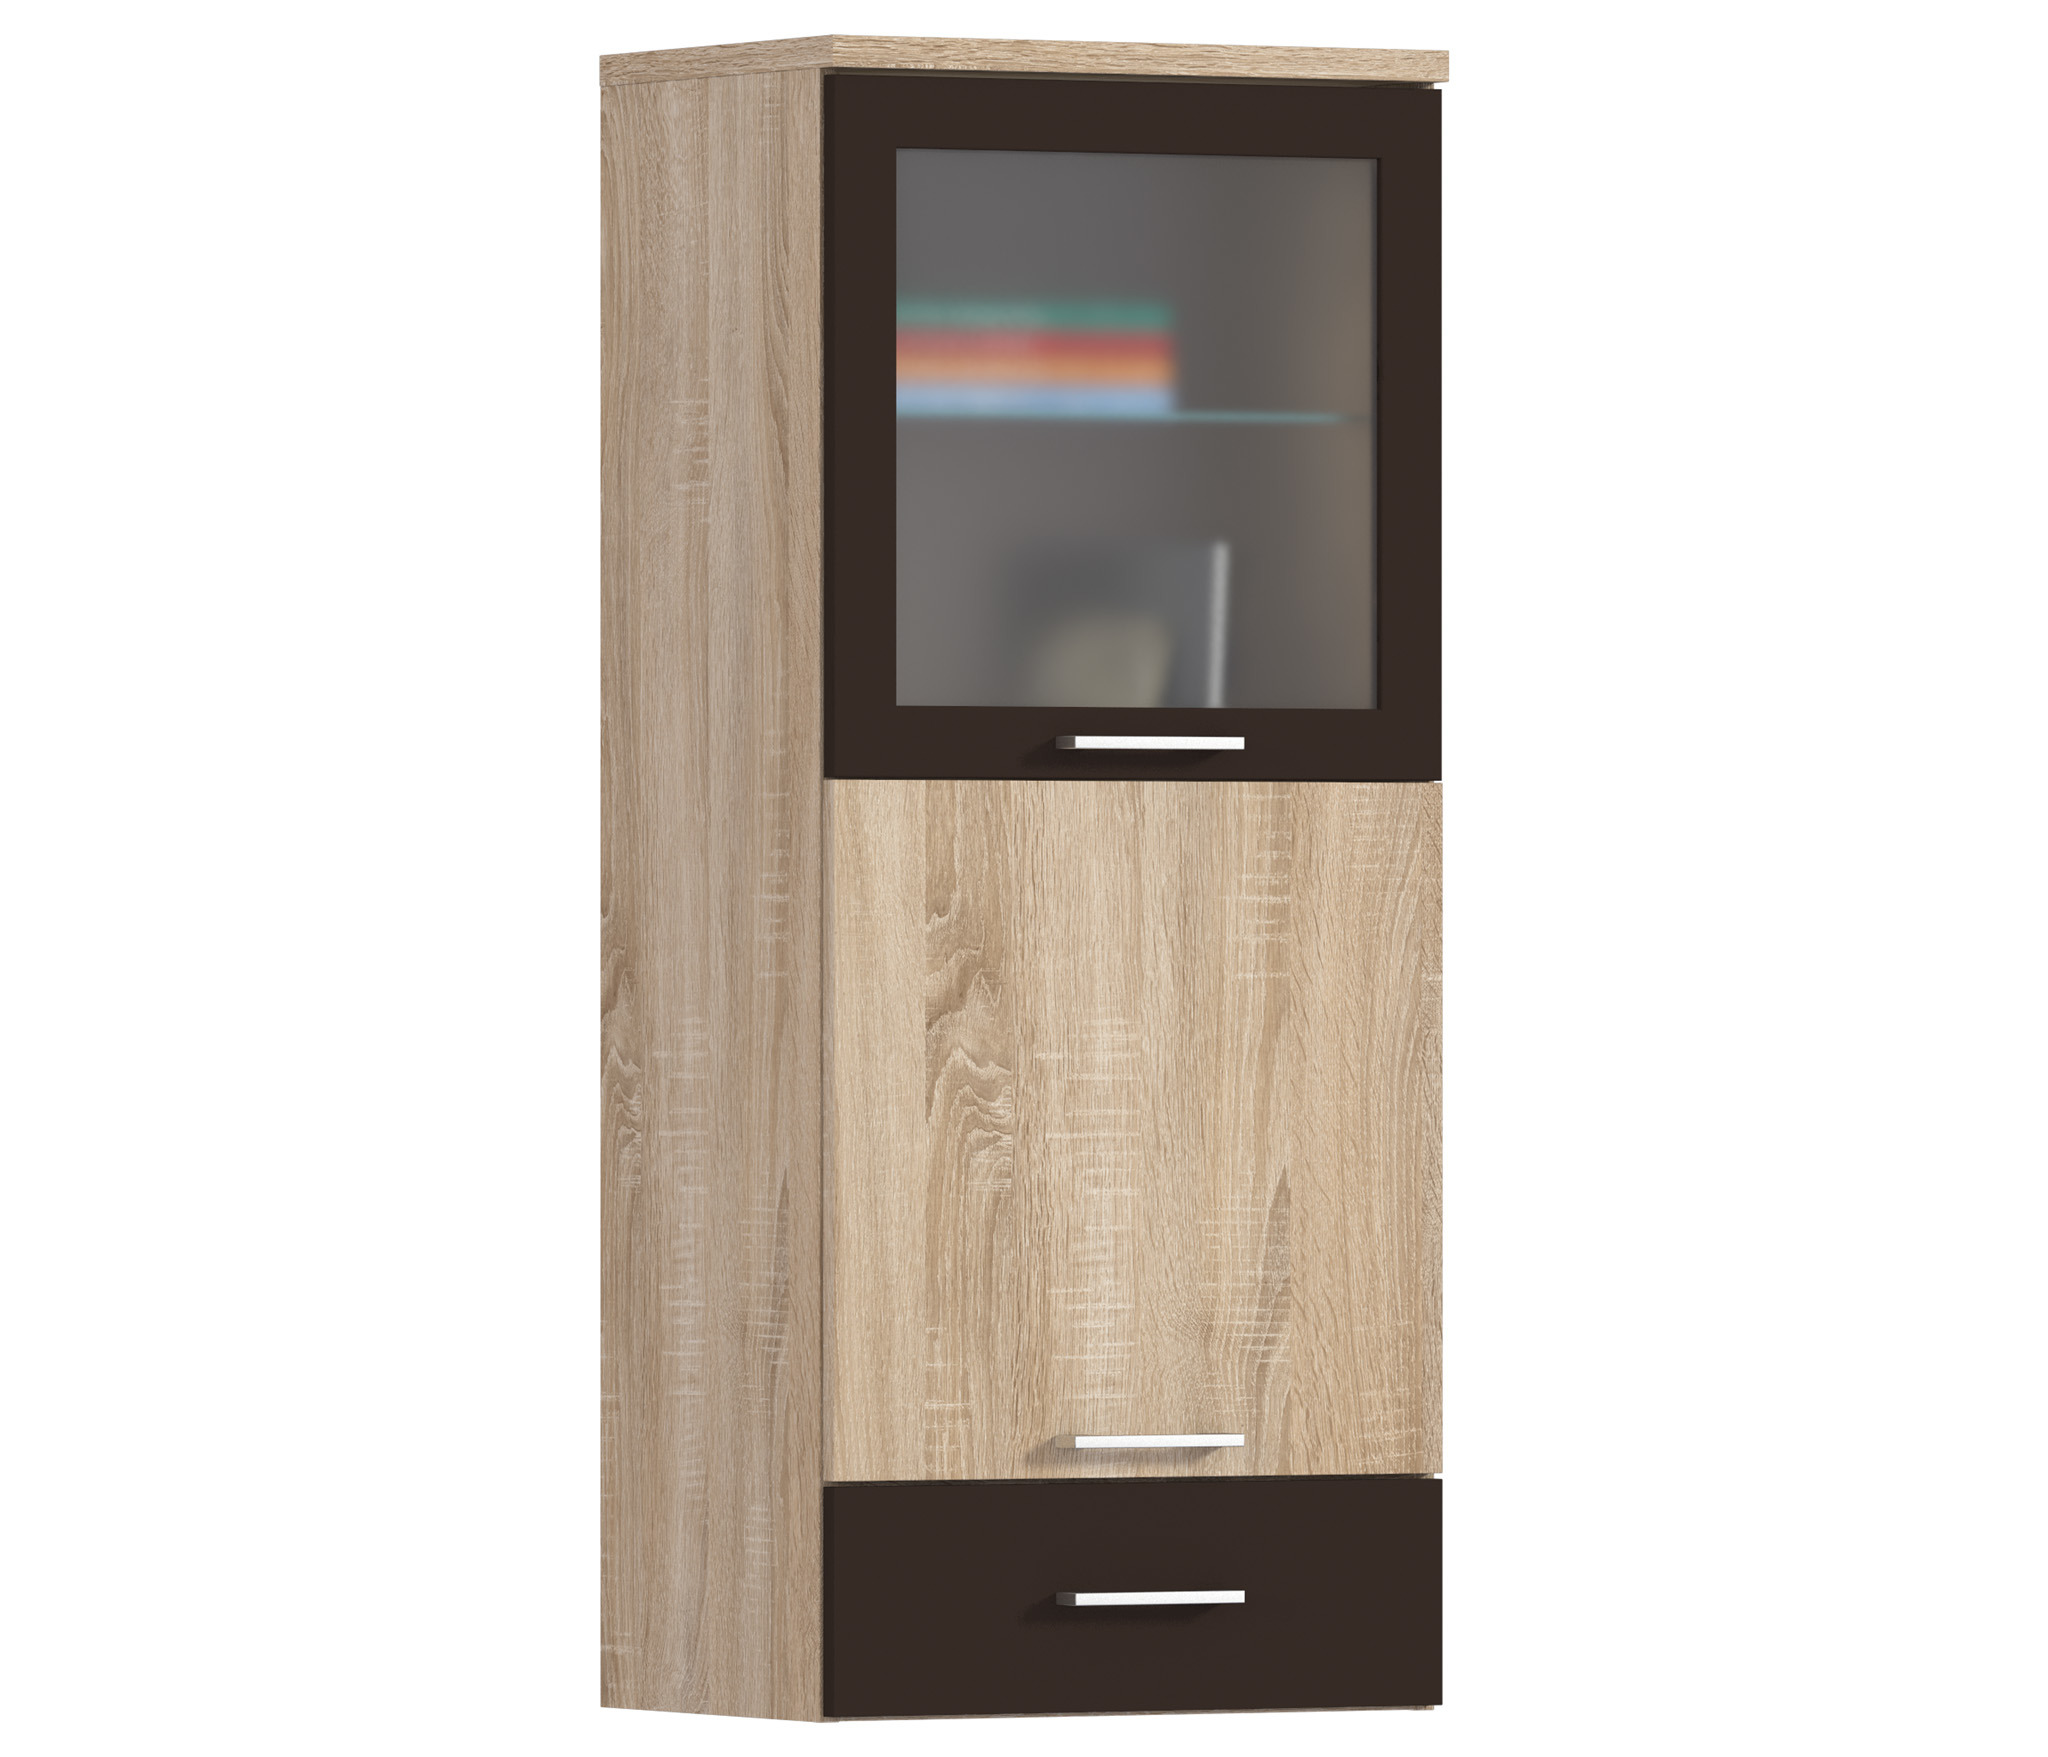 Клео СБ-2030 ПолкаПолки для гостиной<br>Функциональный мебельный модуль.<br><br>Длина мм: 490<br>Высота мм: 1167<br>Глубина мм: 353